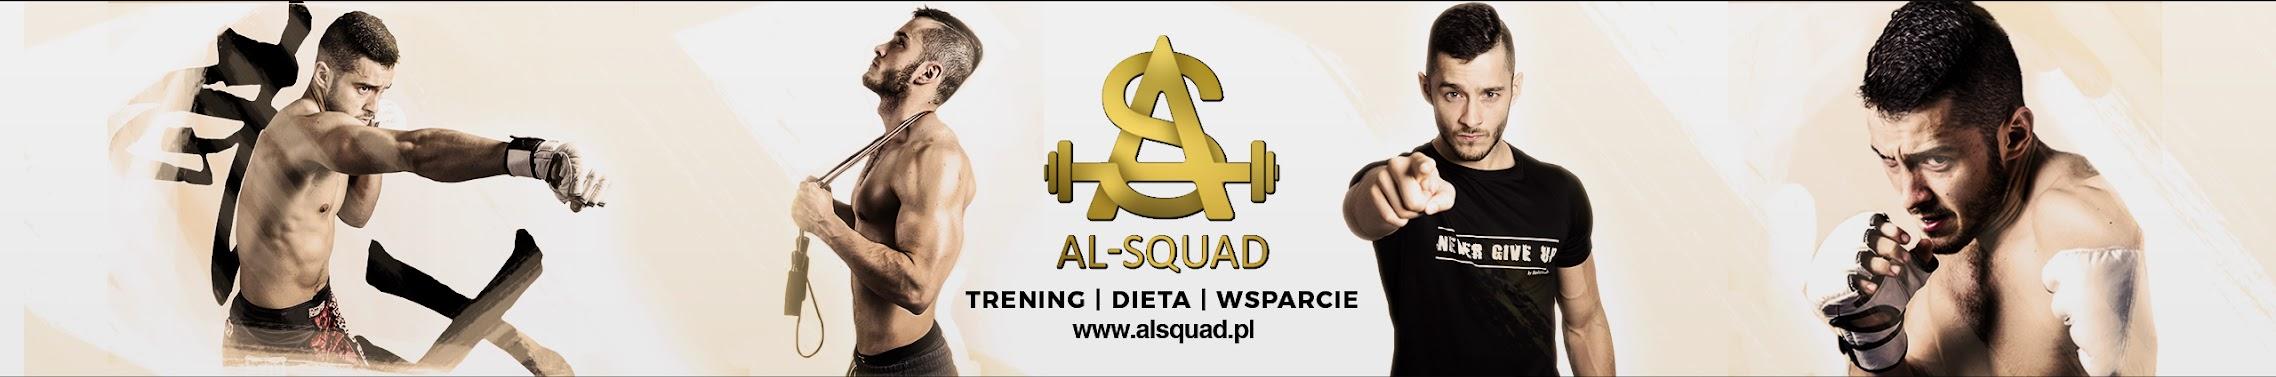 Alsquad